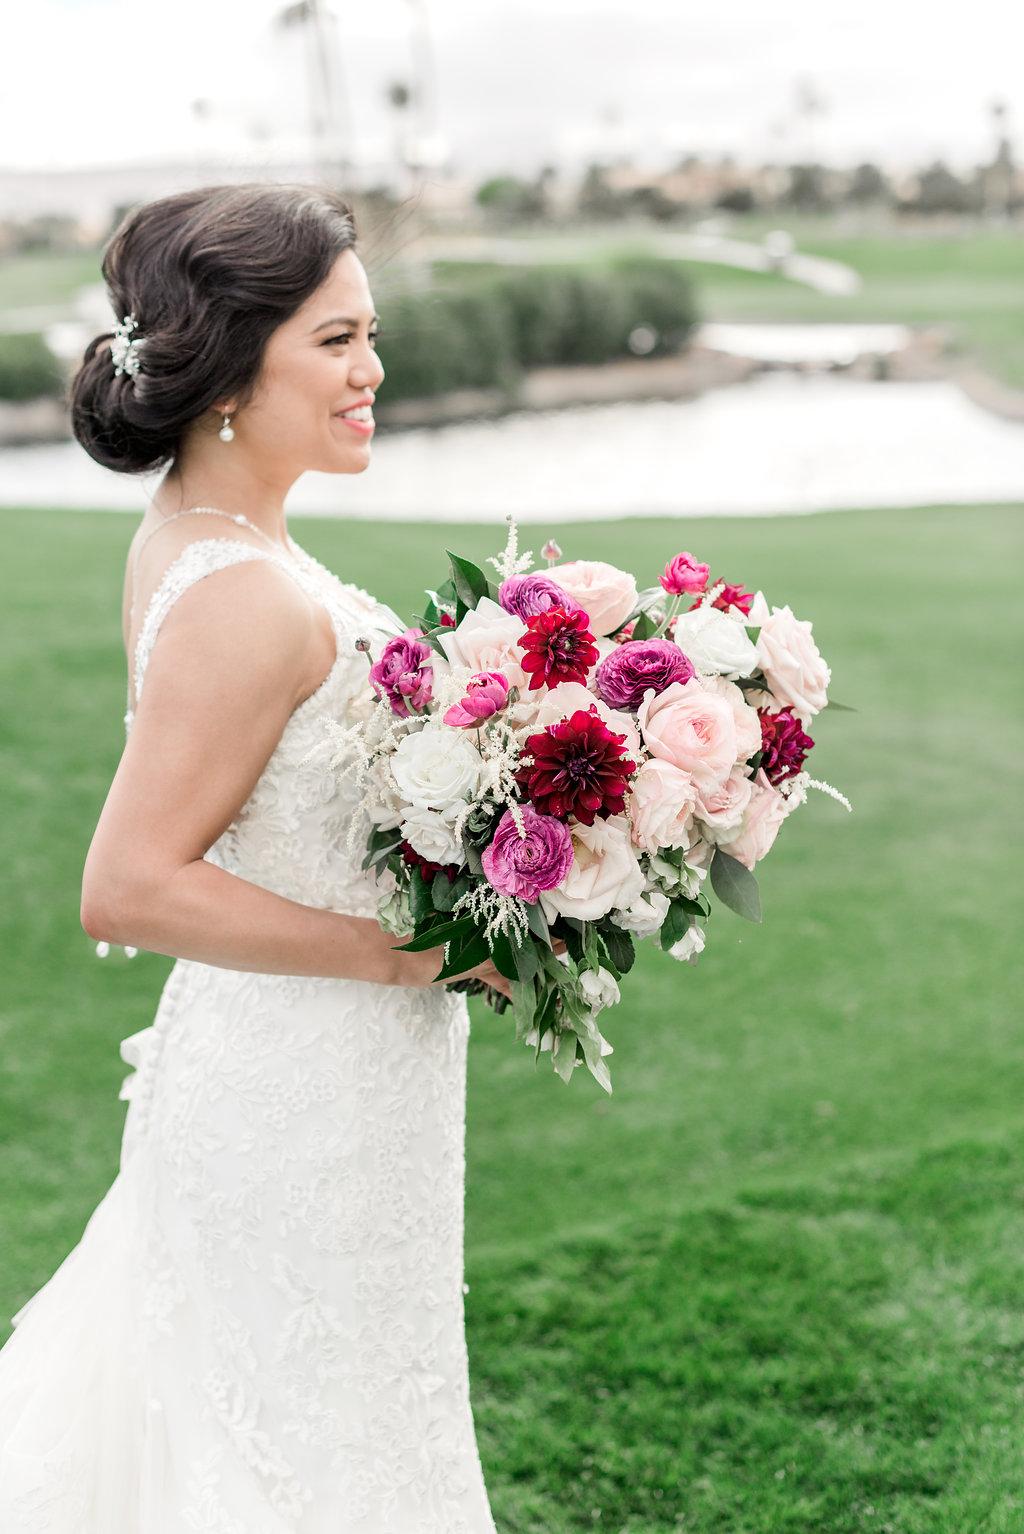 02_bride&groom-148.jpg